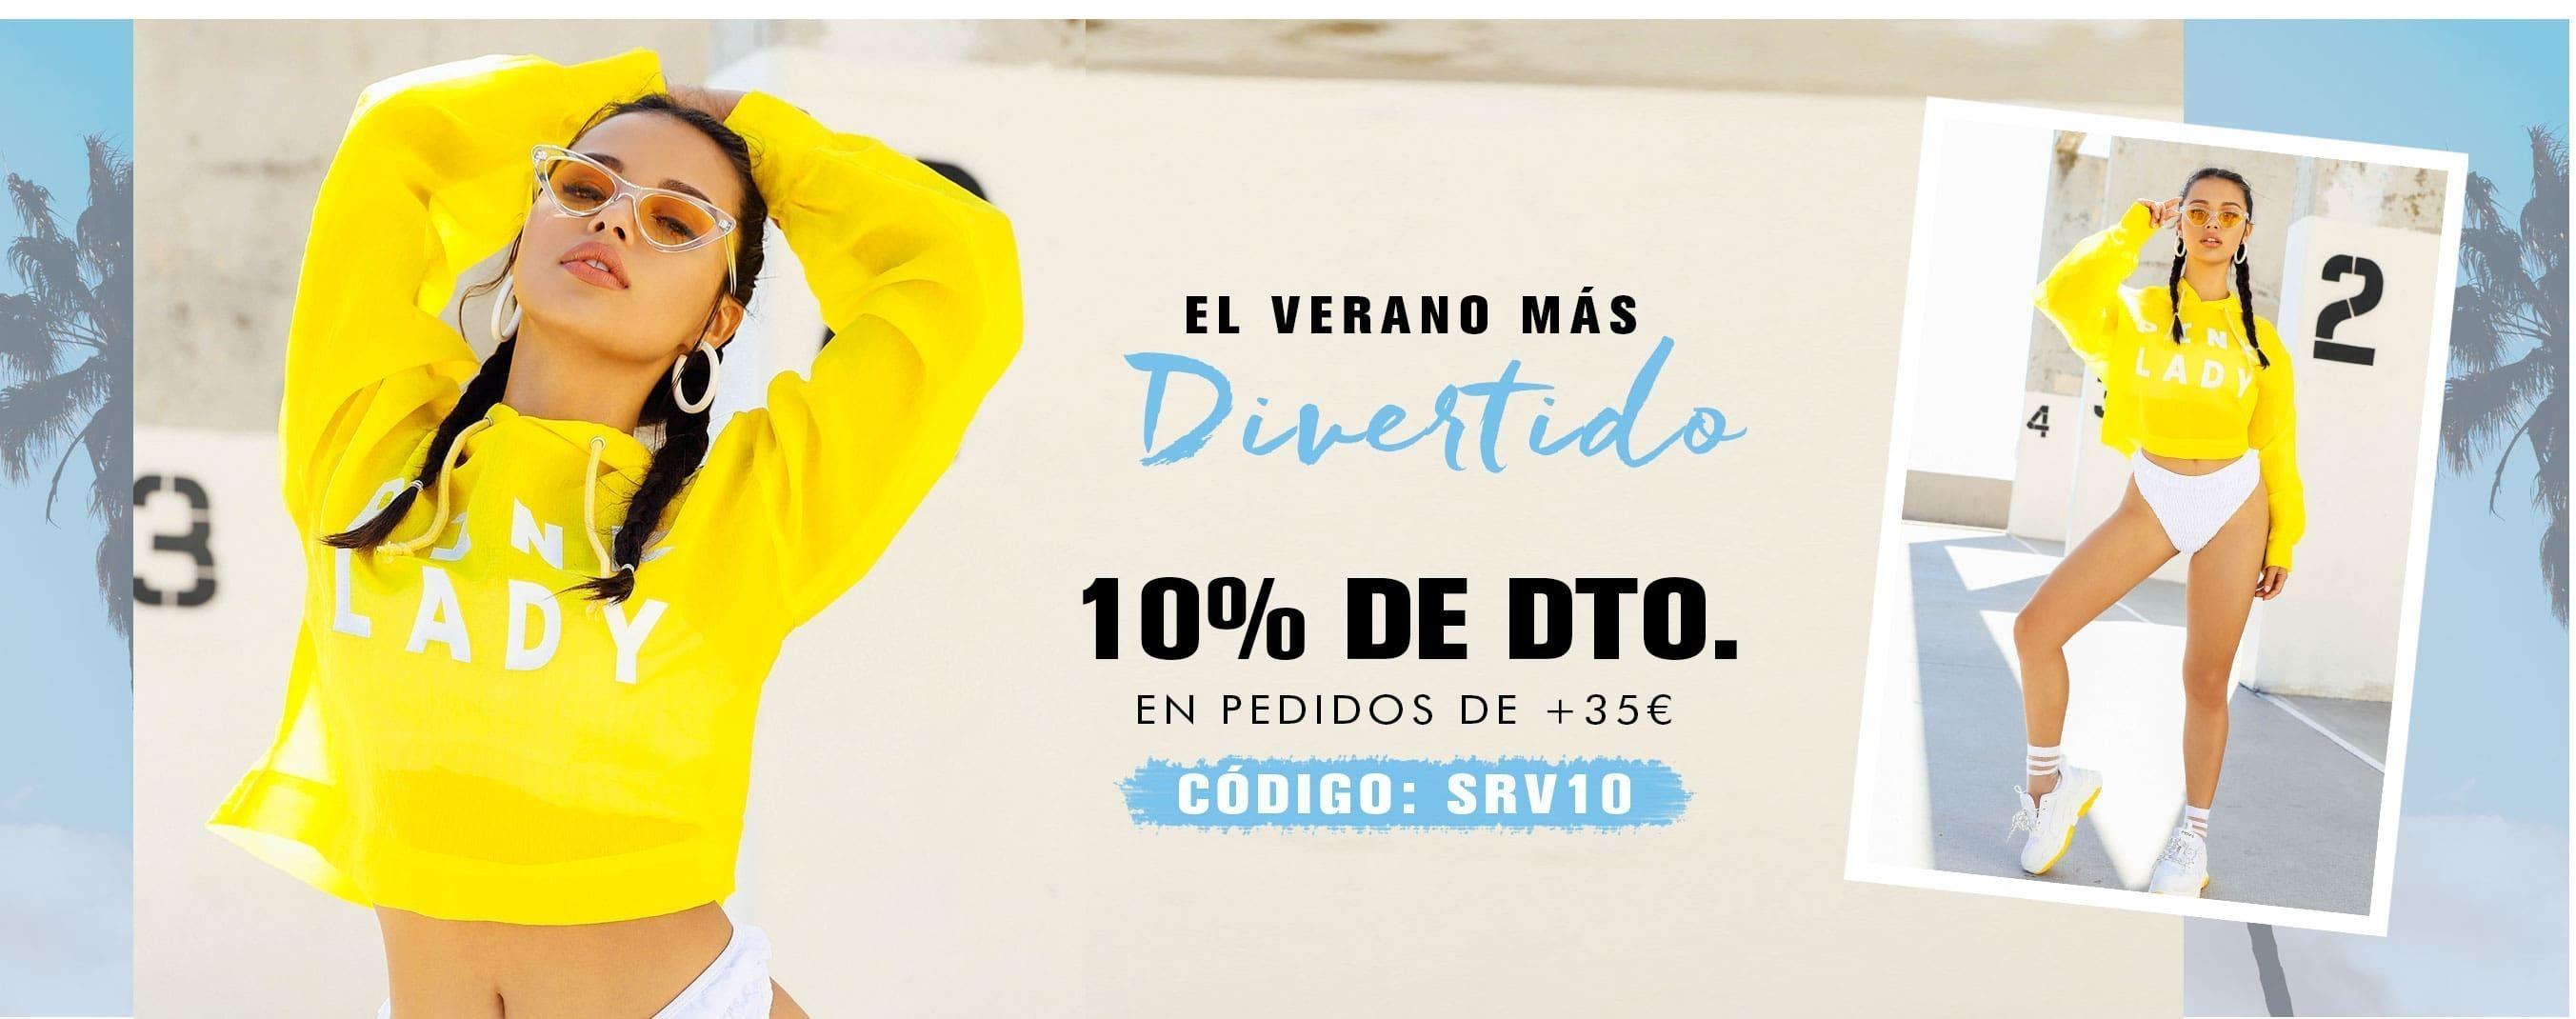 957dfeca6658 Ropa y moda de Mujer al mejor precio online